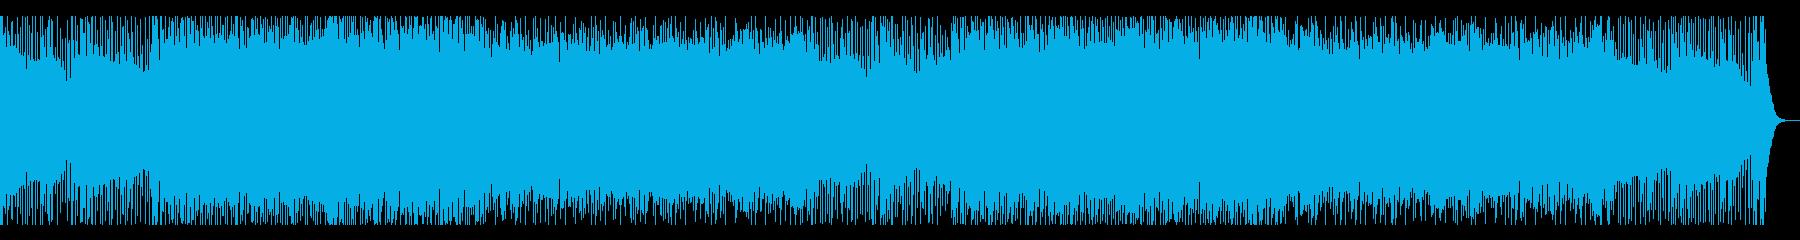 三味線がメインの激しい和風ロック/メタルの再生済みの波形